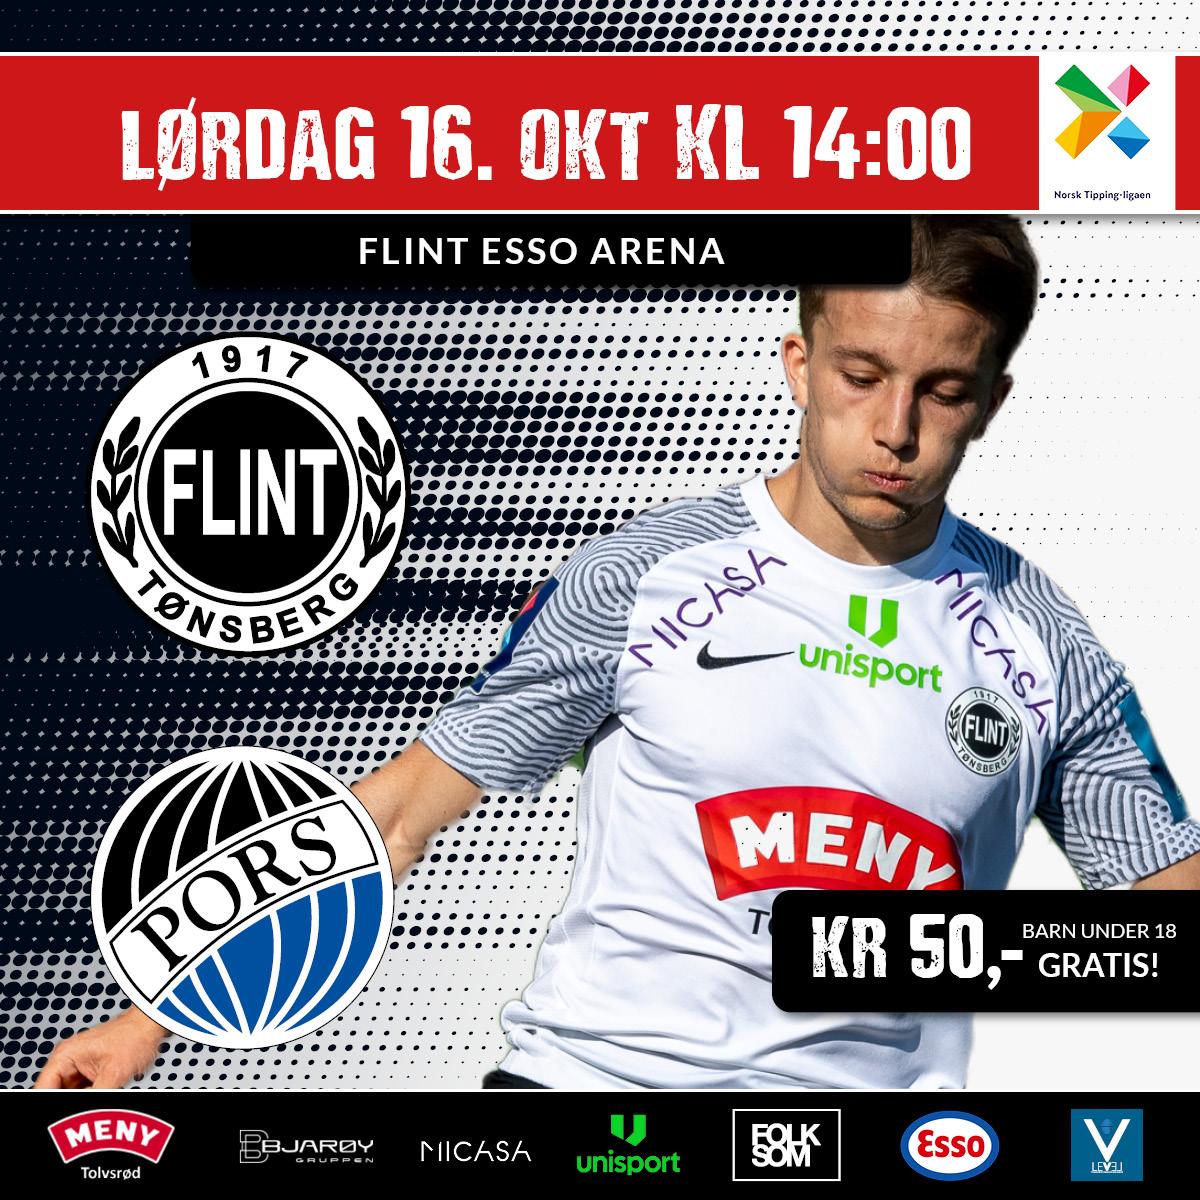 https://www.flintfotball.no/wp-content/uploads/2021/10/NT-Flint-Pors-16.okt_.jpg